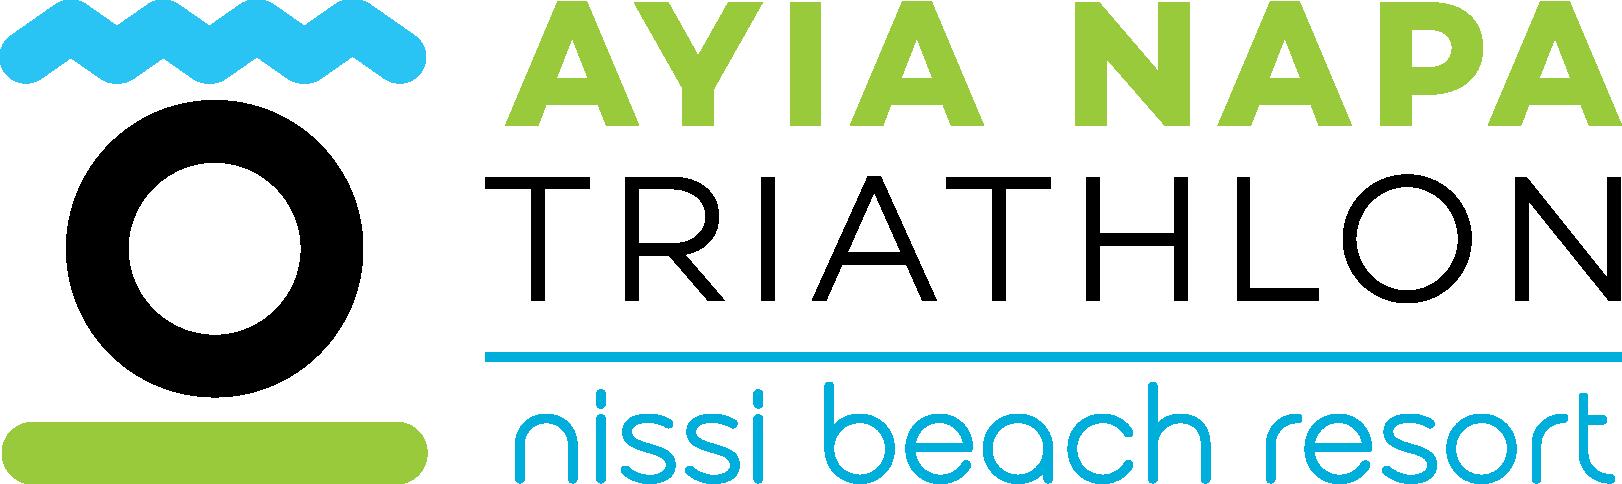 AyN-Triathlon-Nissi-logopng